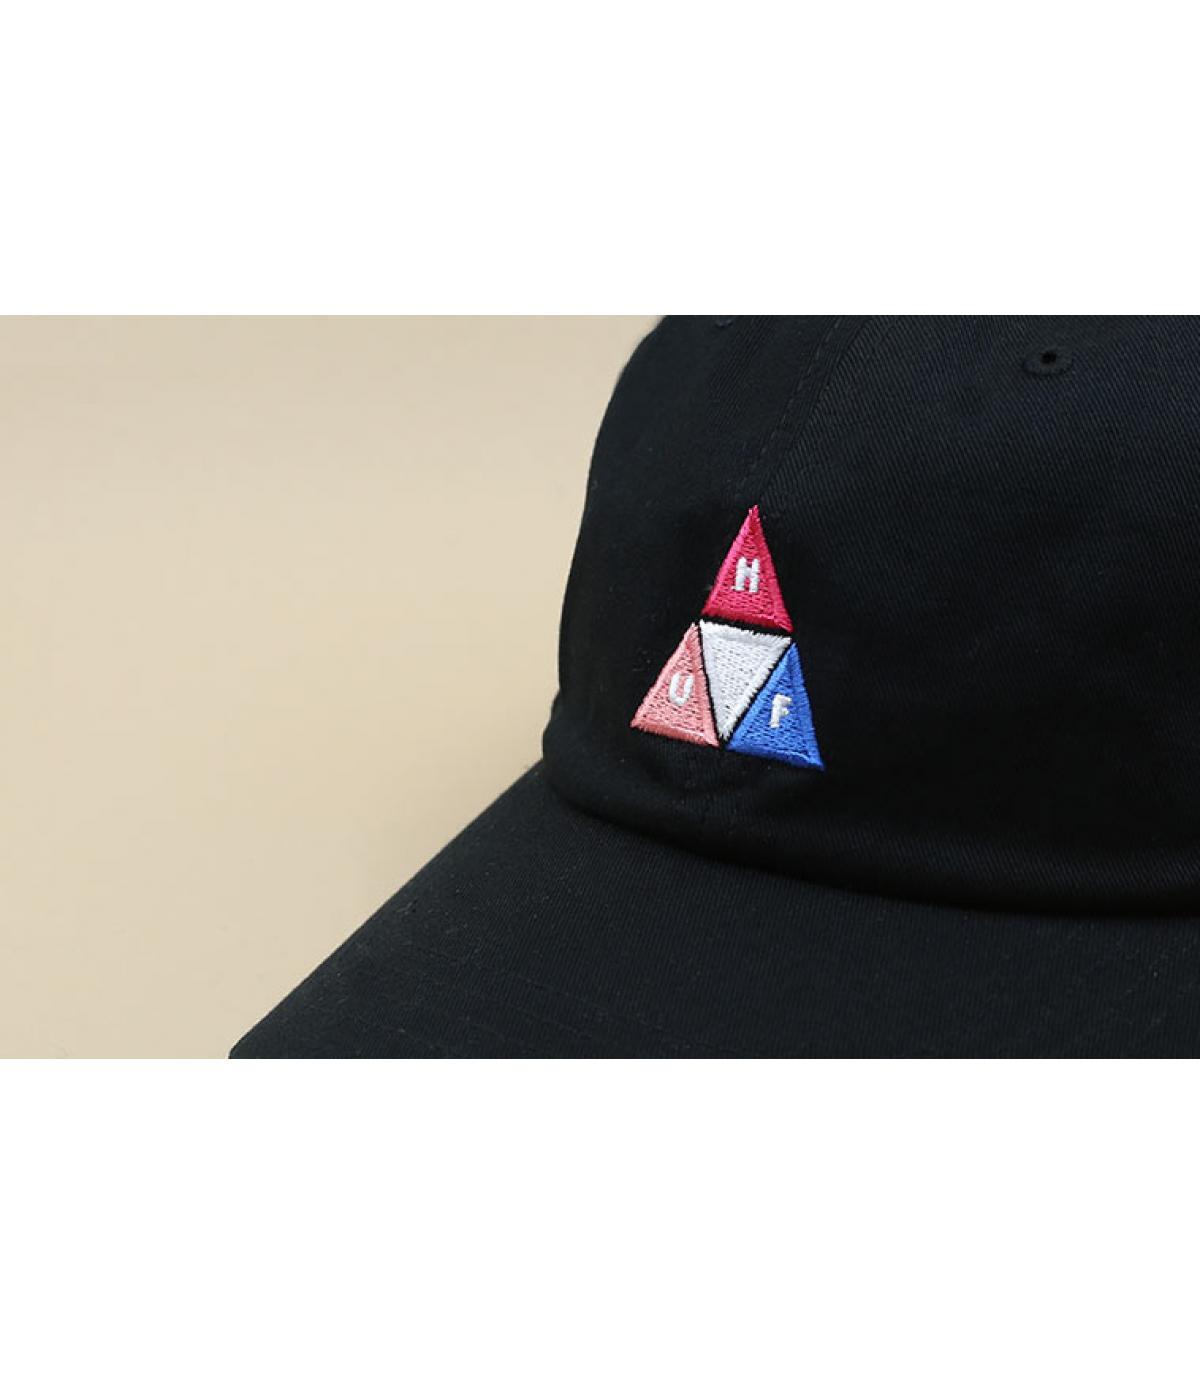 Détails Peak Logo black - image 3